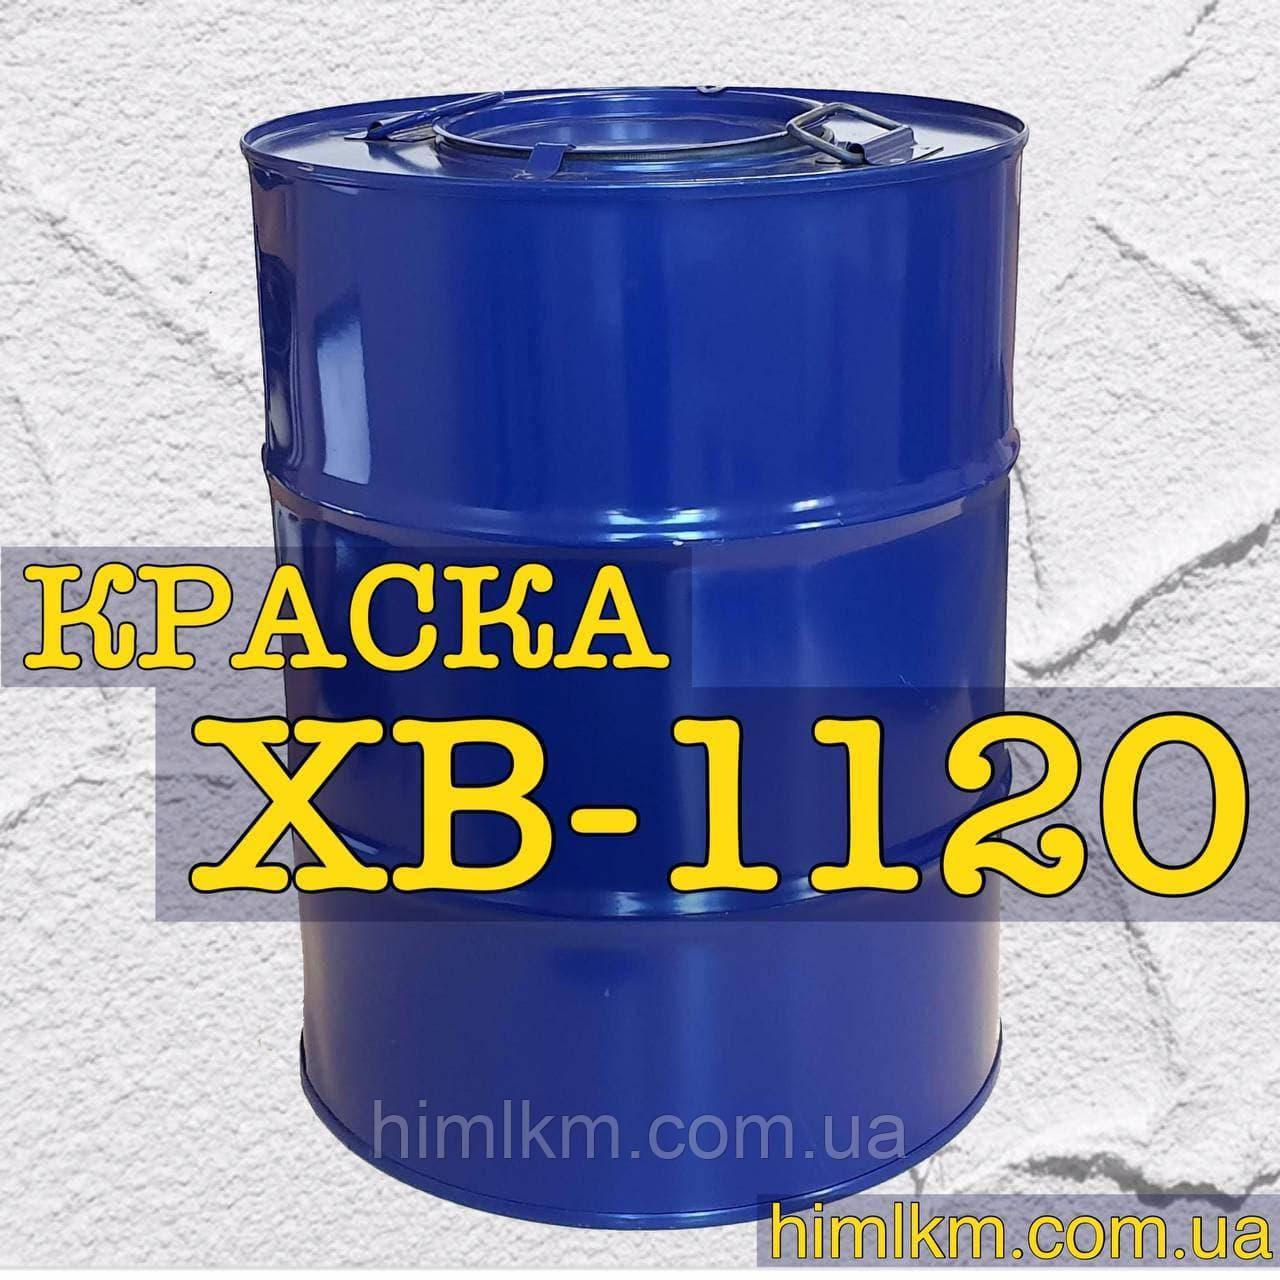 Краска ХВ-1120  для окраски стальных и алюминиевых поверхностей изделий и оборудования, 50кг